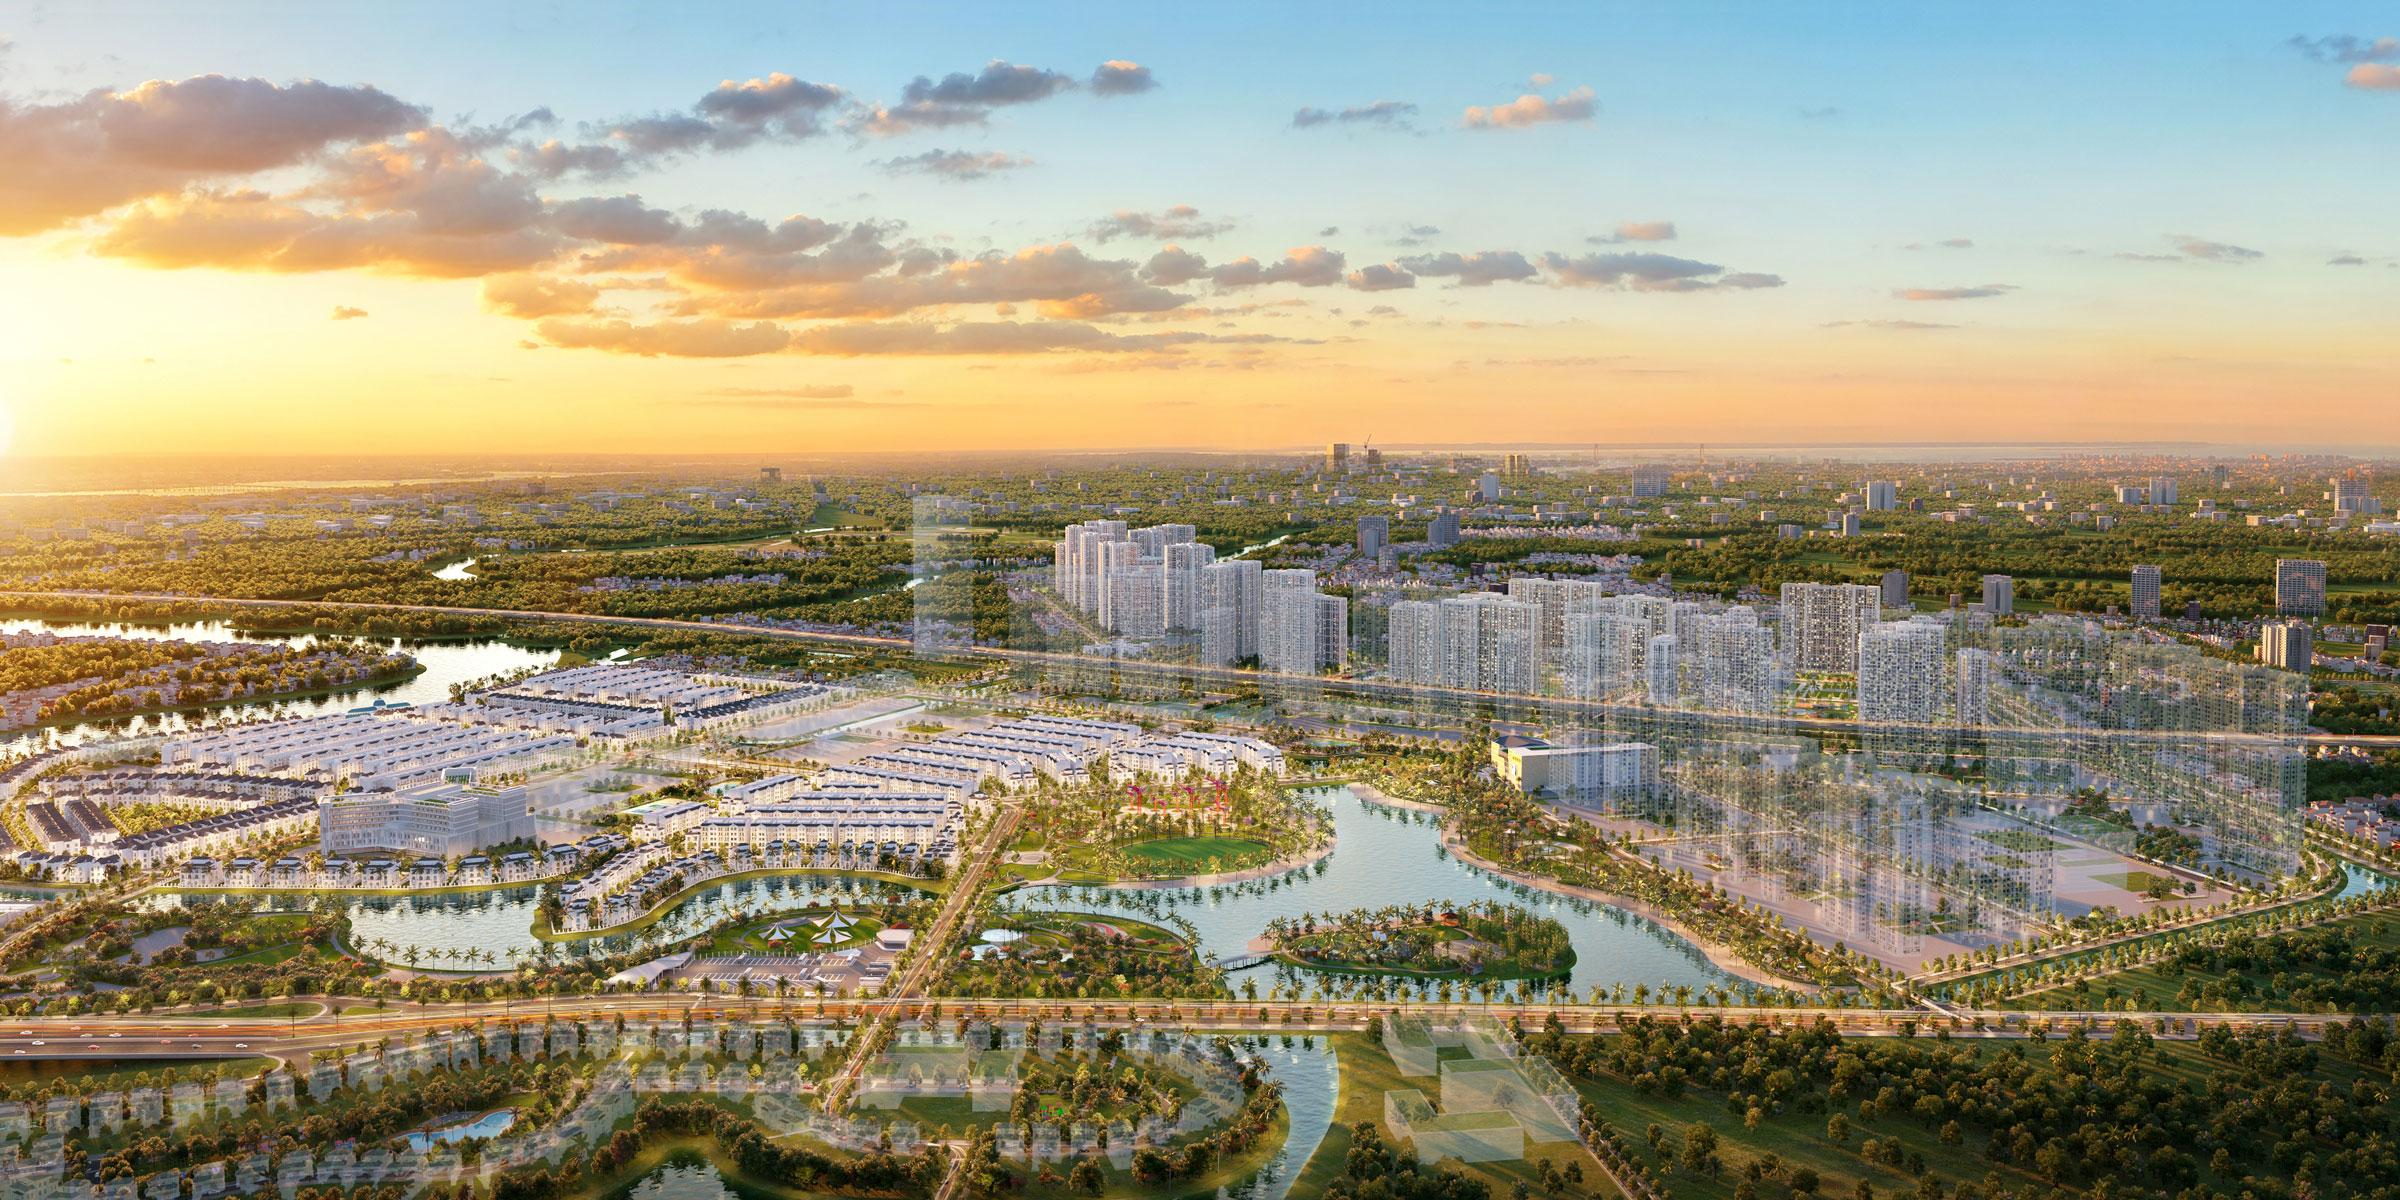 Hơn 25% giá trị tài sản Vinhomes tập trung tại các đại dự án Grand Park, Long Beach Cần Giờ... - Ảnh 1.